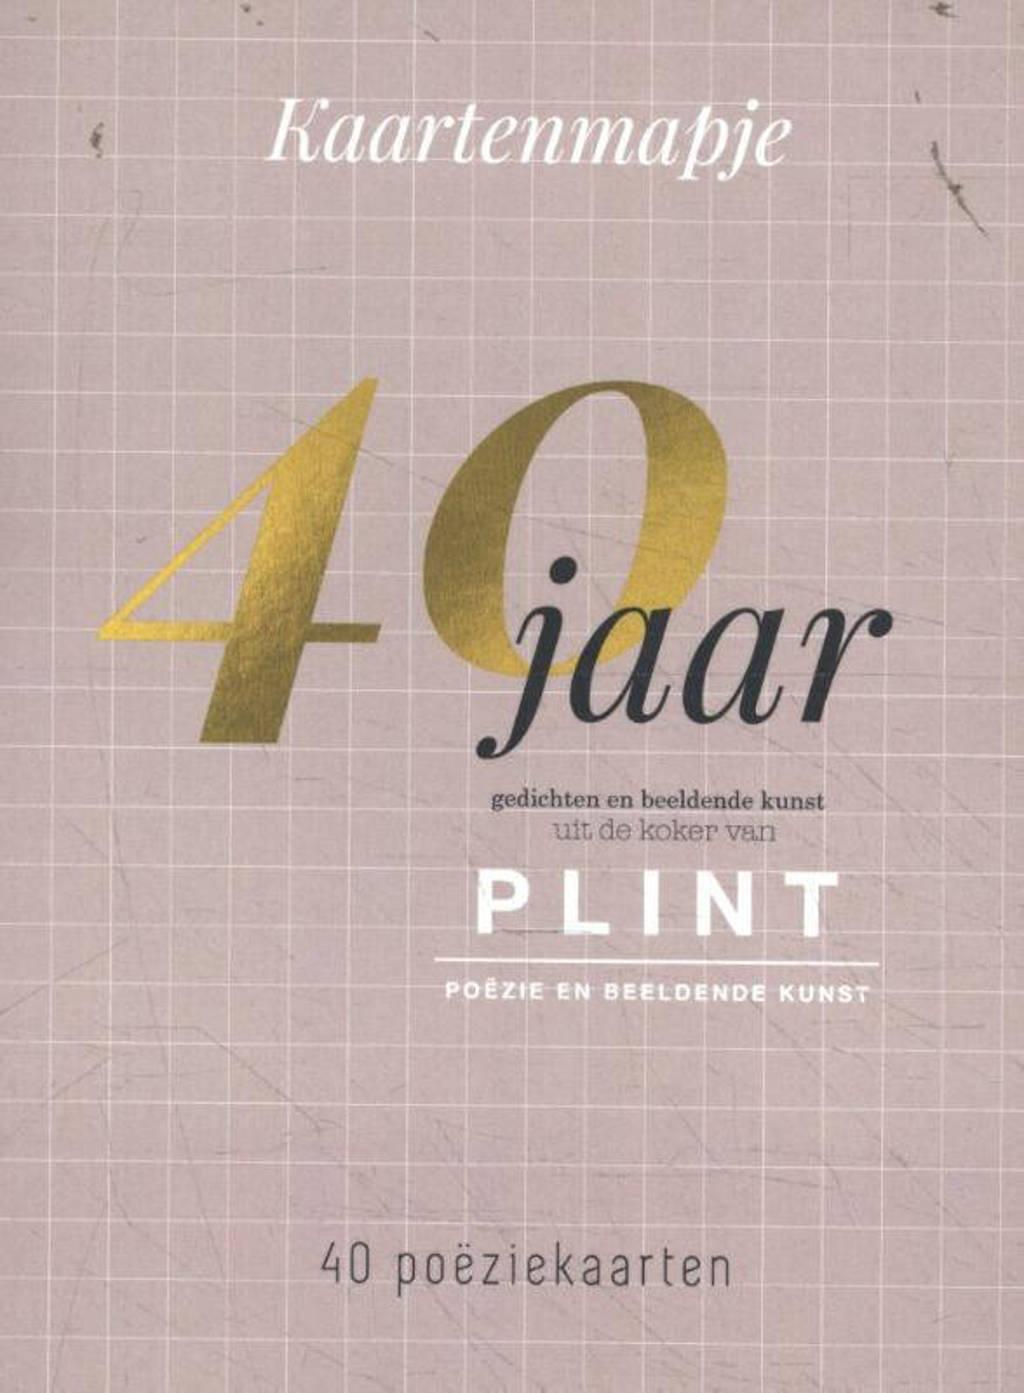 Plint: Plint 40 poëziekaarten uit 40 jaar plint